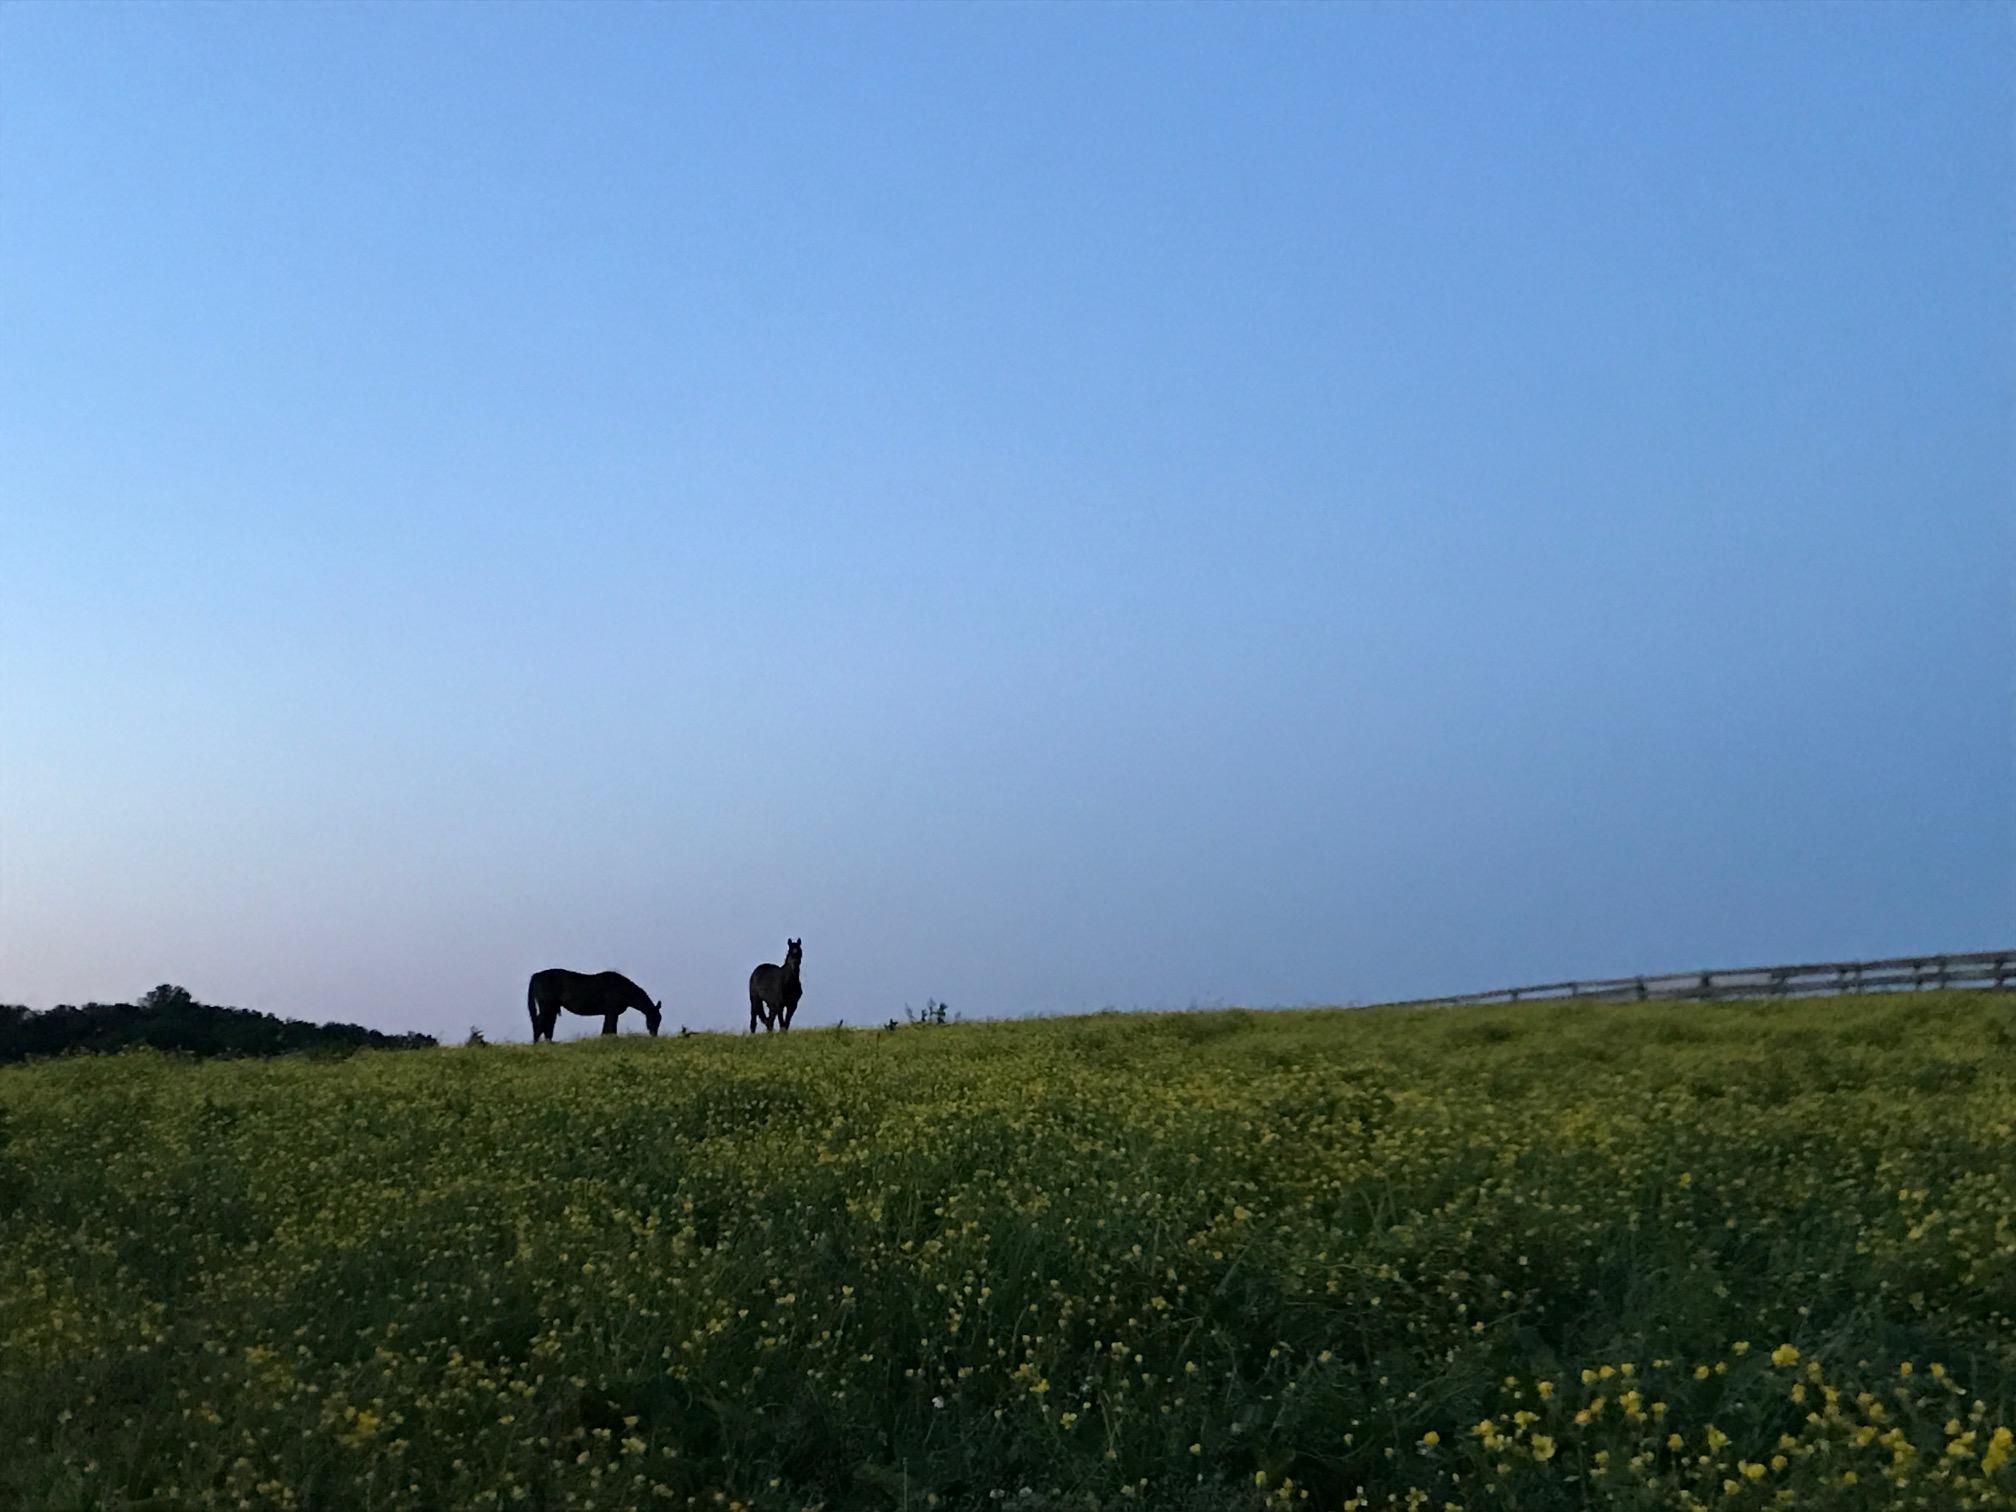 A peaceful evening on the farm.